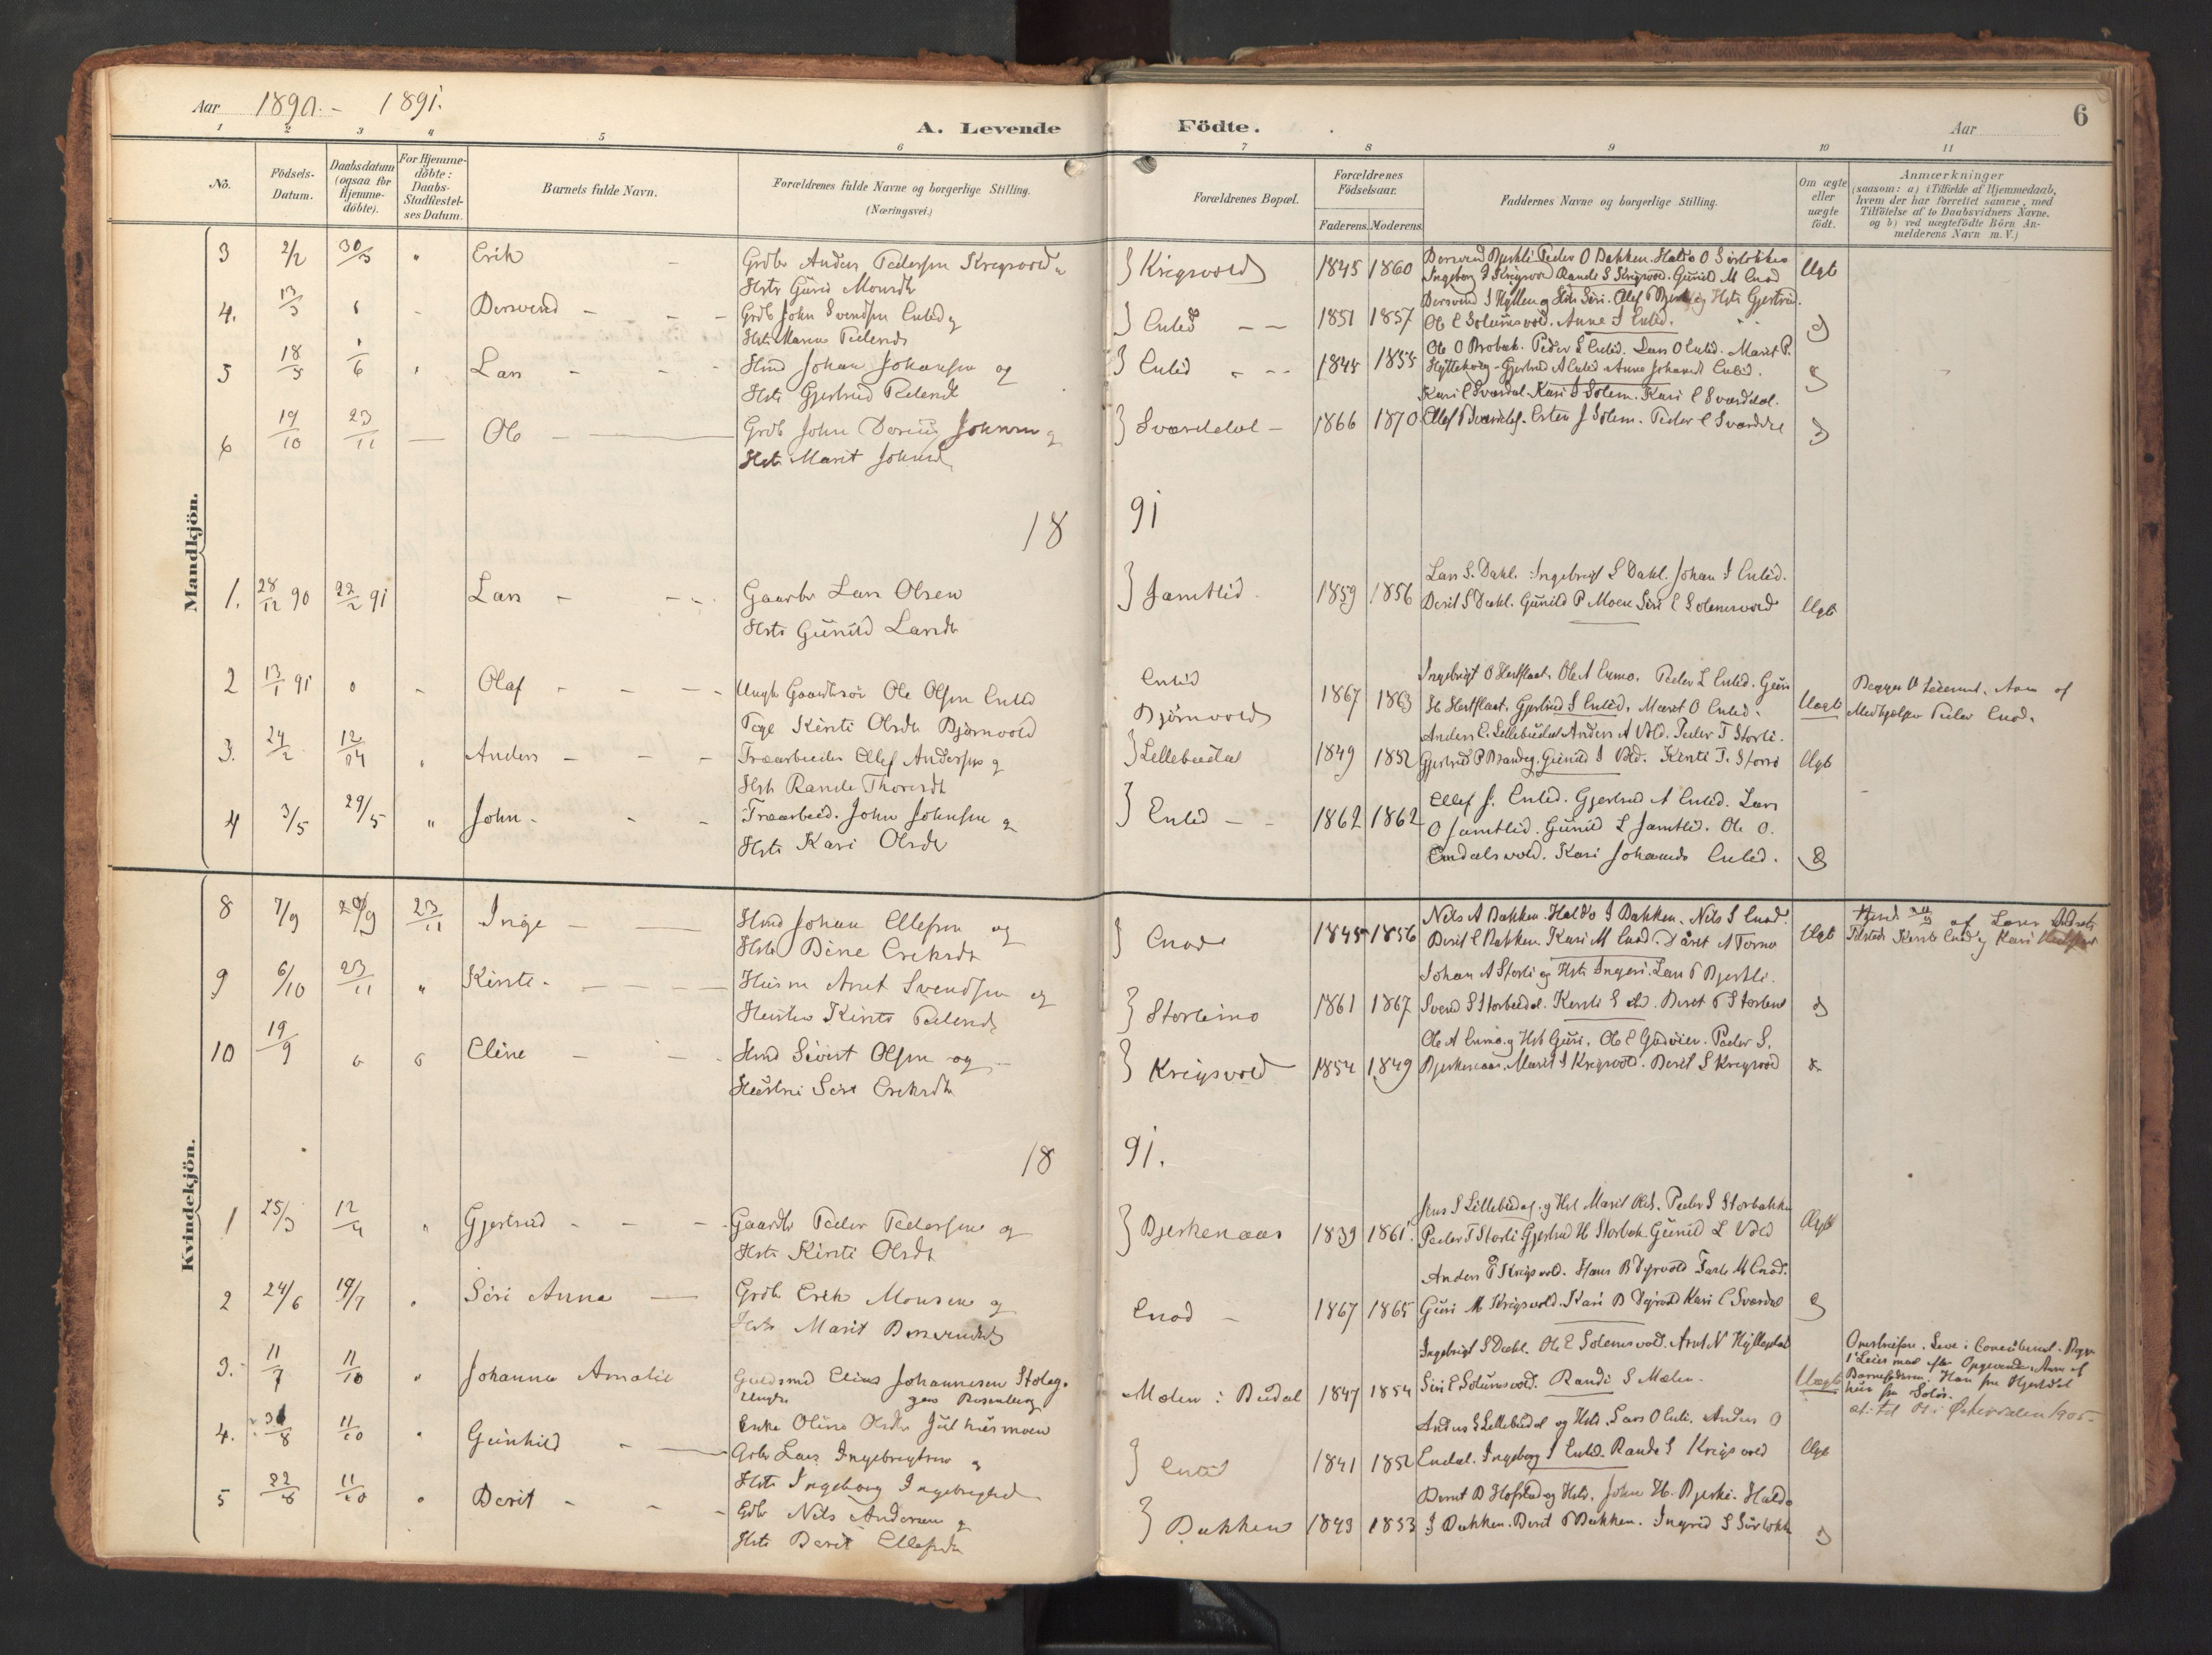 SAT, Ministerialprotokoller, klokkerbøker og fødselsregistre - Sør-Trøndelag, 690/L1050: Ministerialbok nr. 690A01, 1889-1929, s. 6